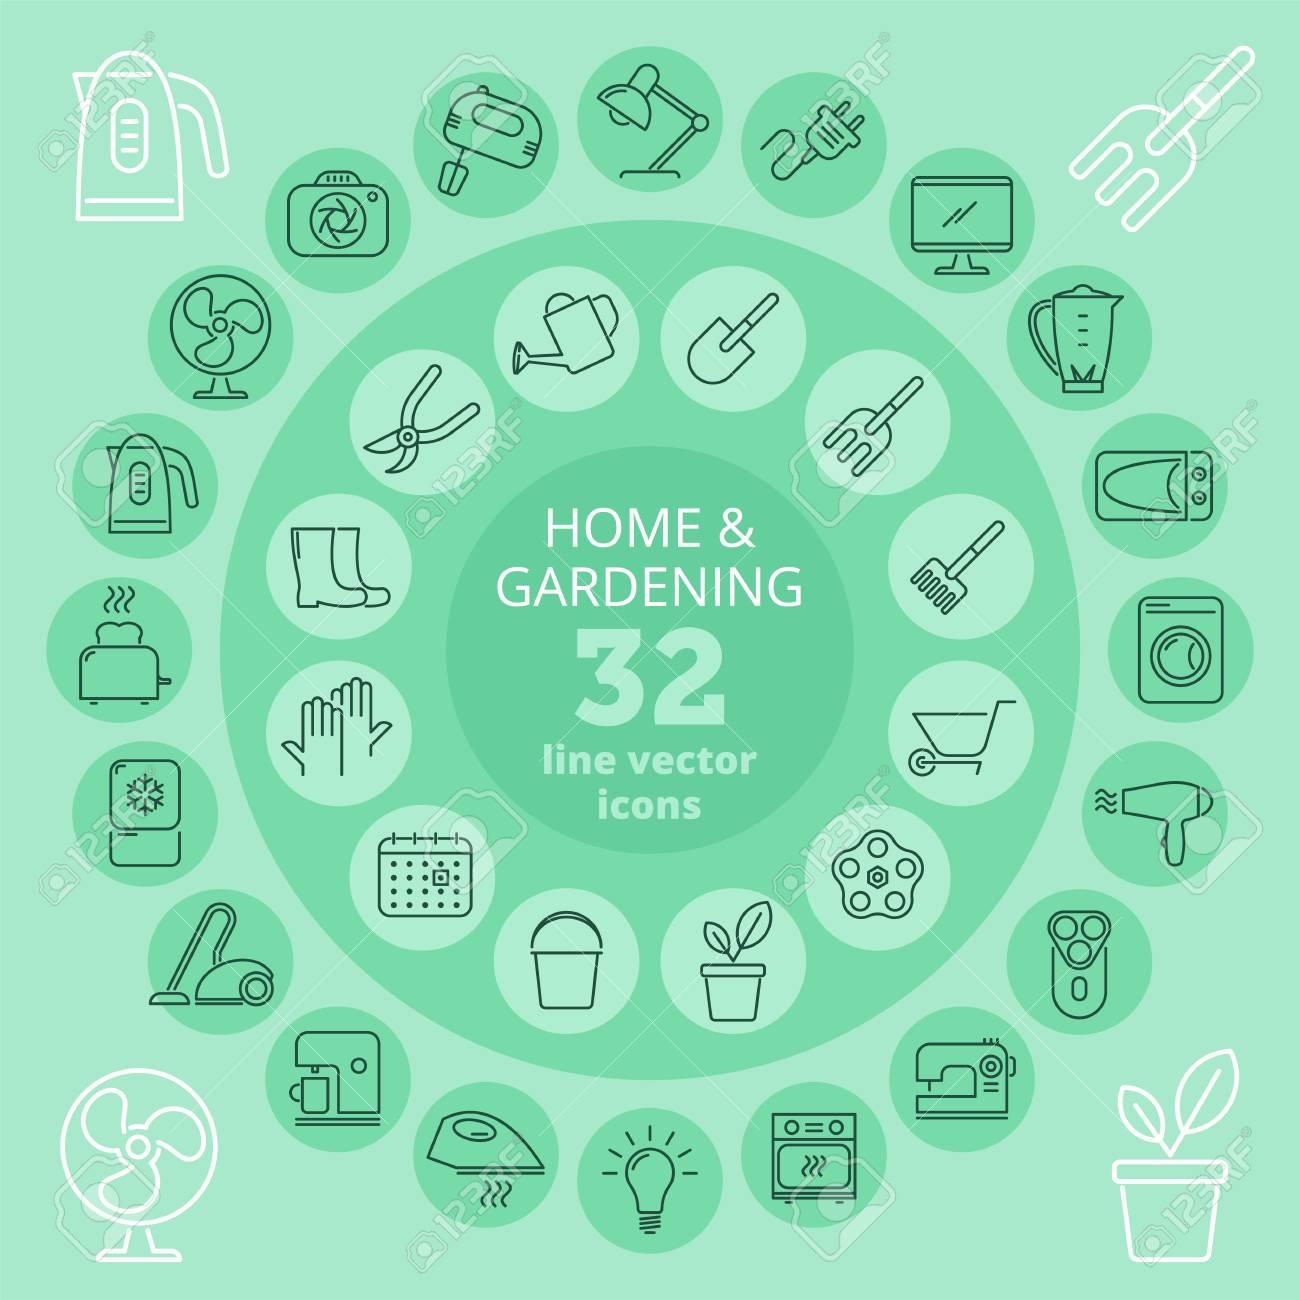 Appareil ménagé et jeu d\'icônes de jardinage. Équipement de cuisine,  appareils électroménagers et outils de jardin icônes de lignes  vectorielles. Des ...